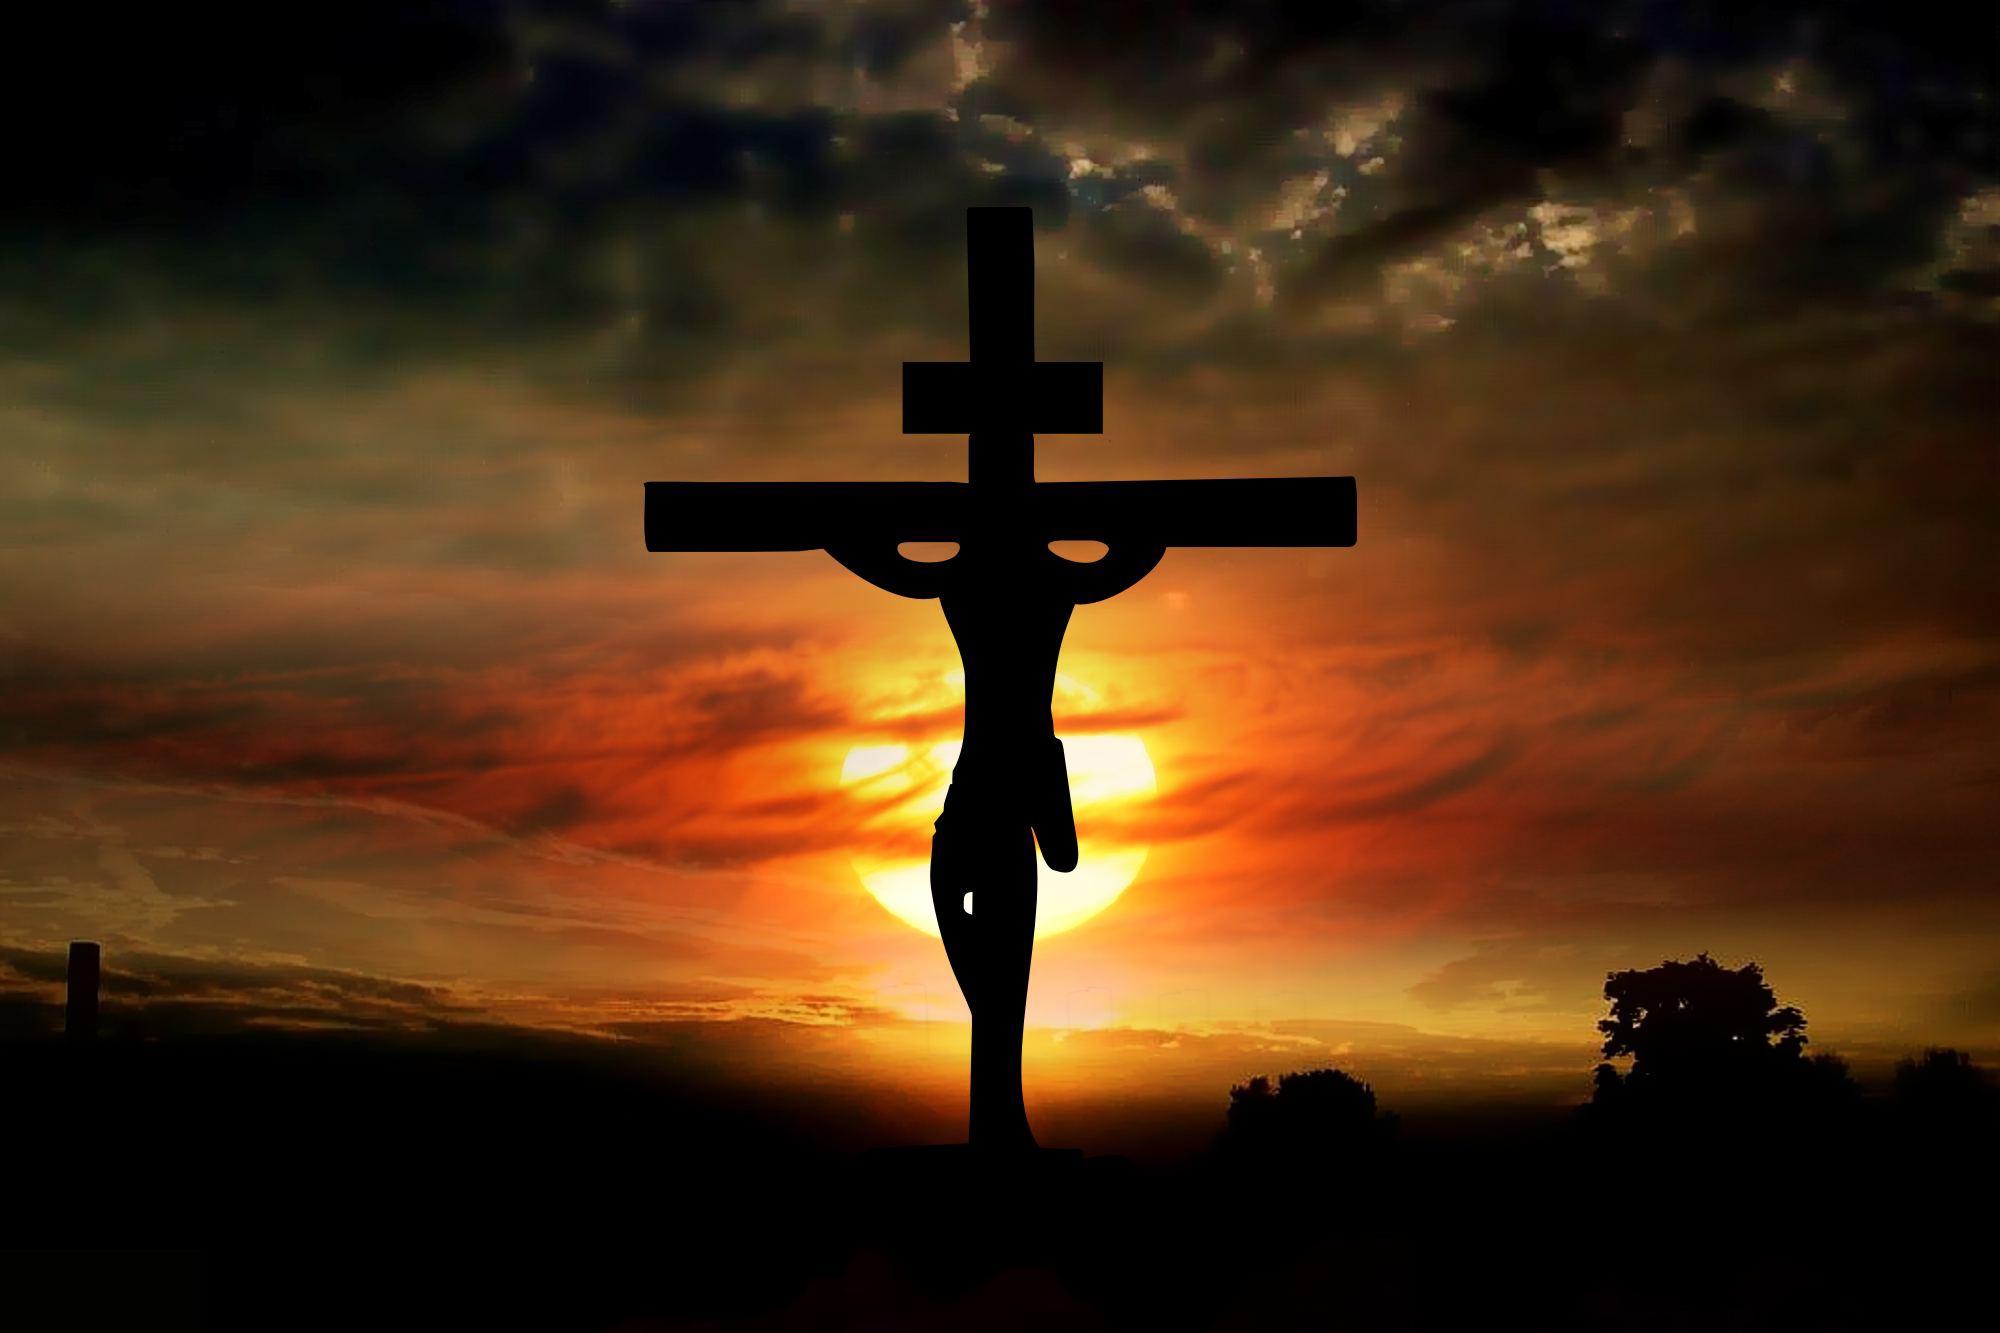 Воздвижение Креста Господня 2019: что нельзя делать сегодня